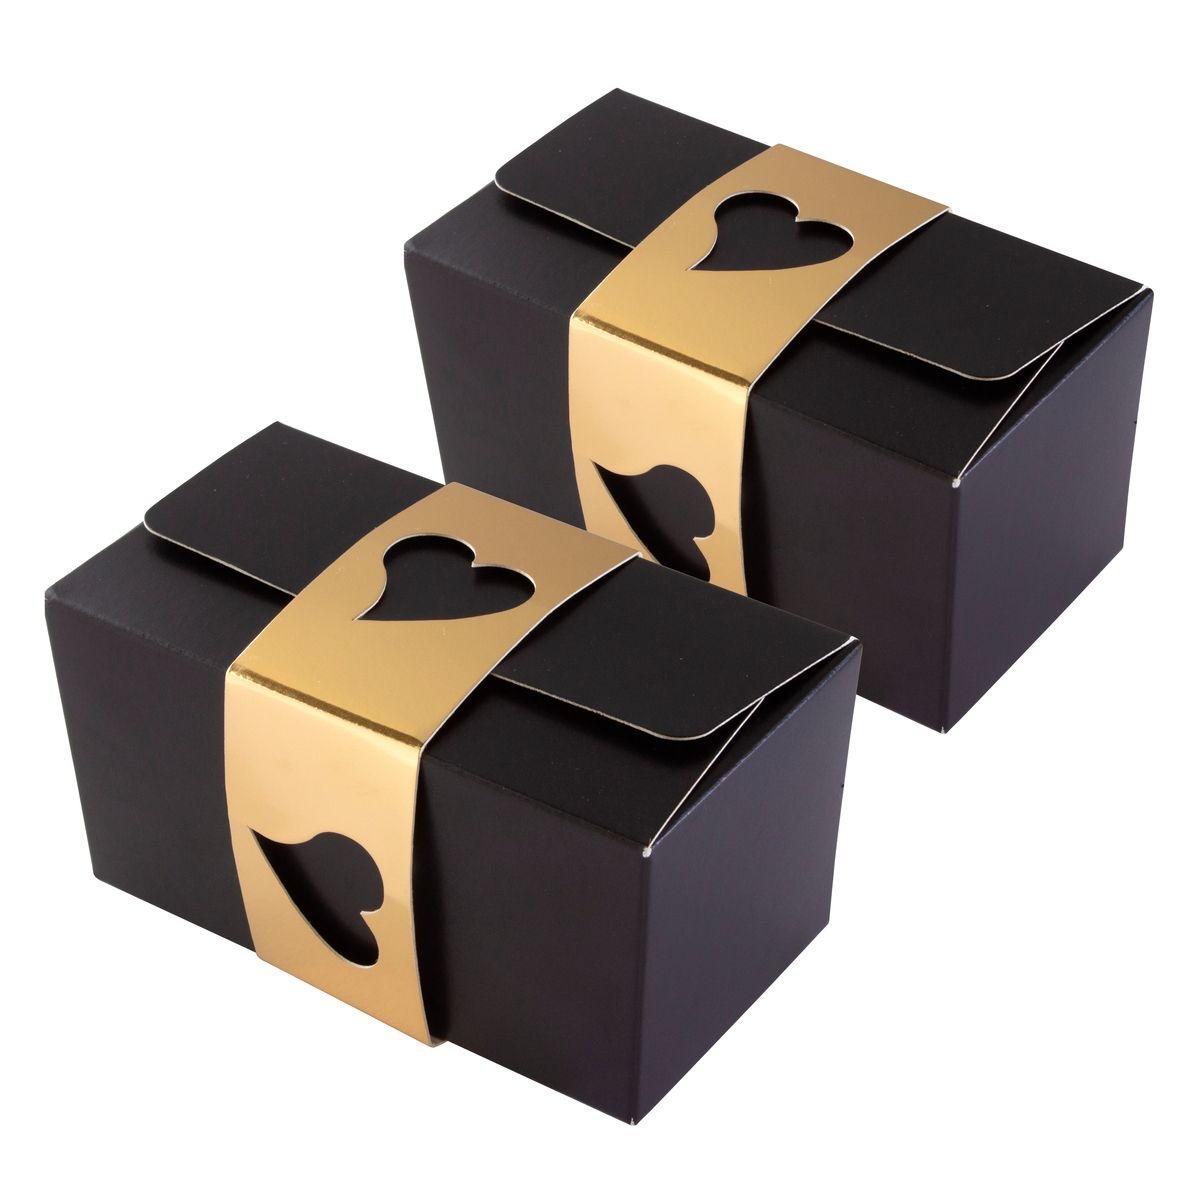 2 ballotins de chocolats avec fourreaux noir et or 11.5 x 6 cm - Patisdecor